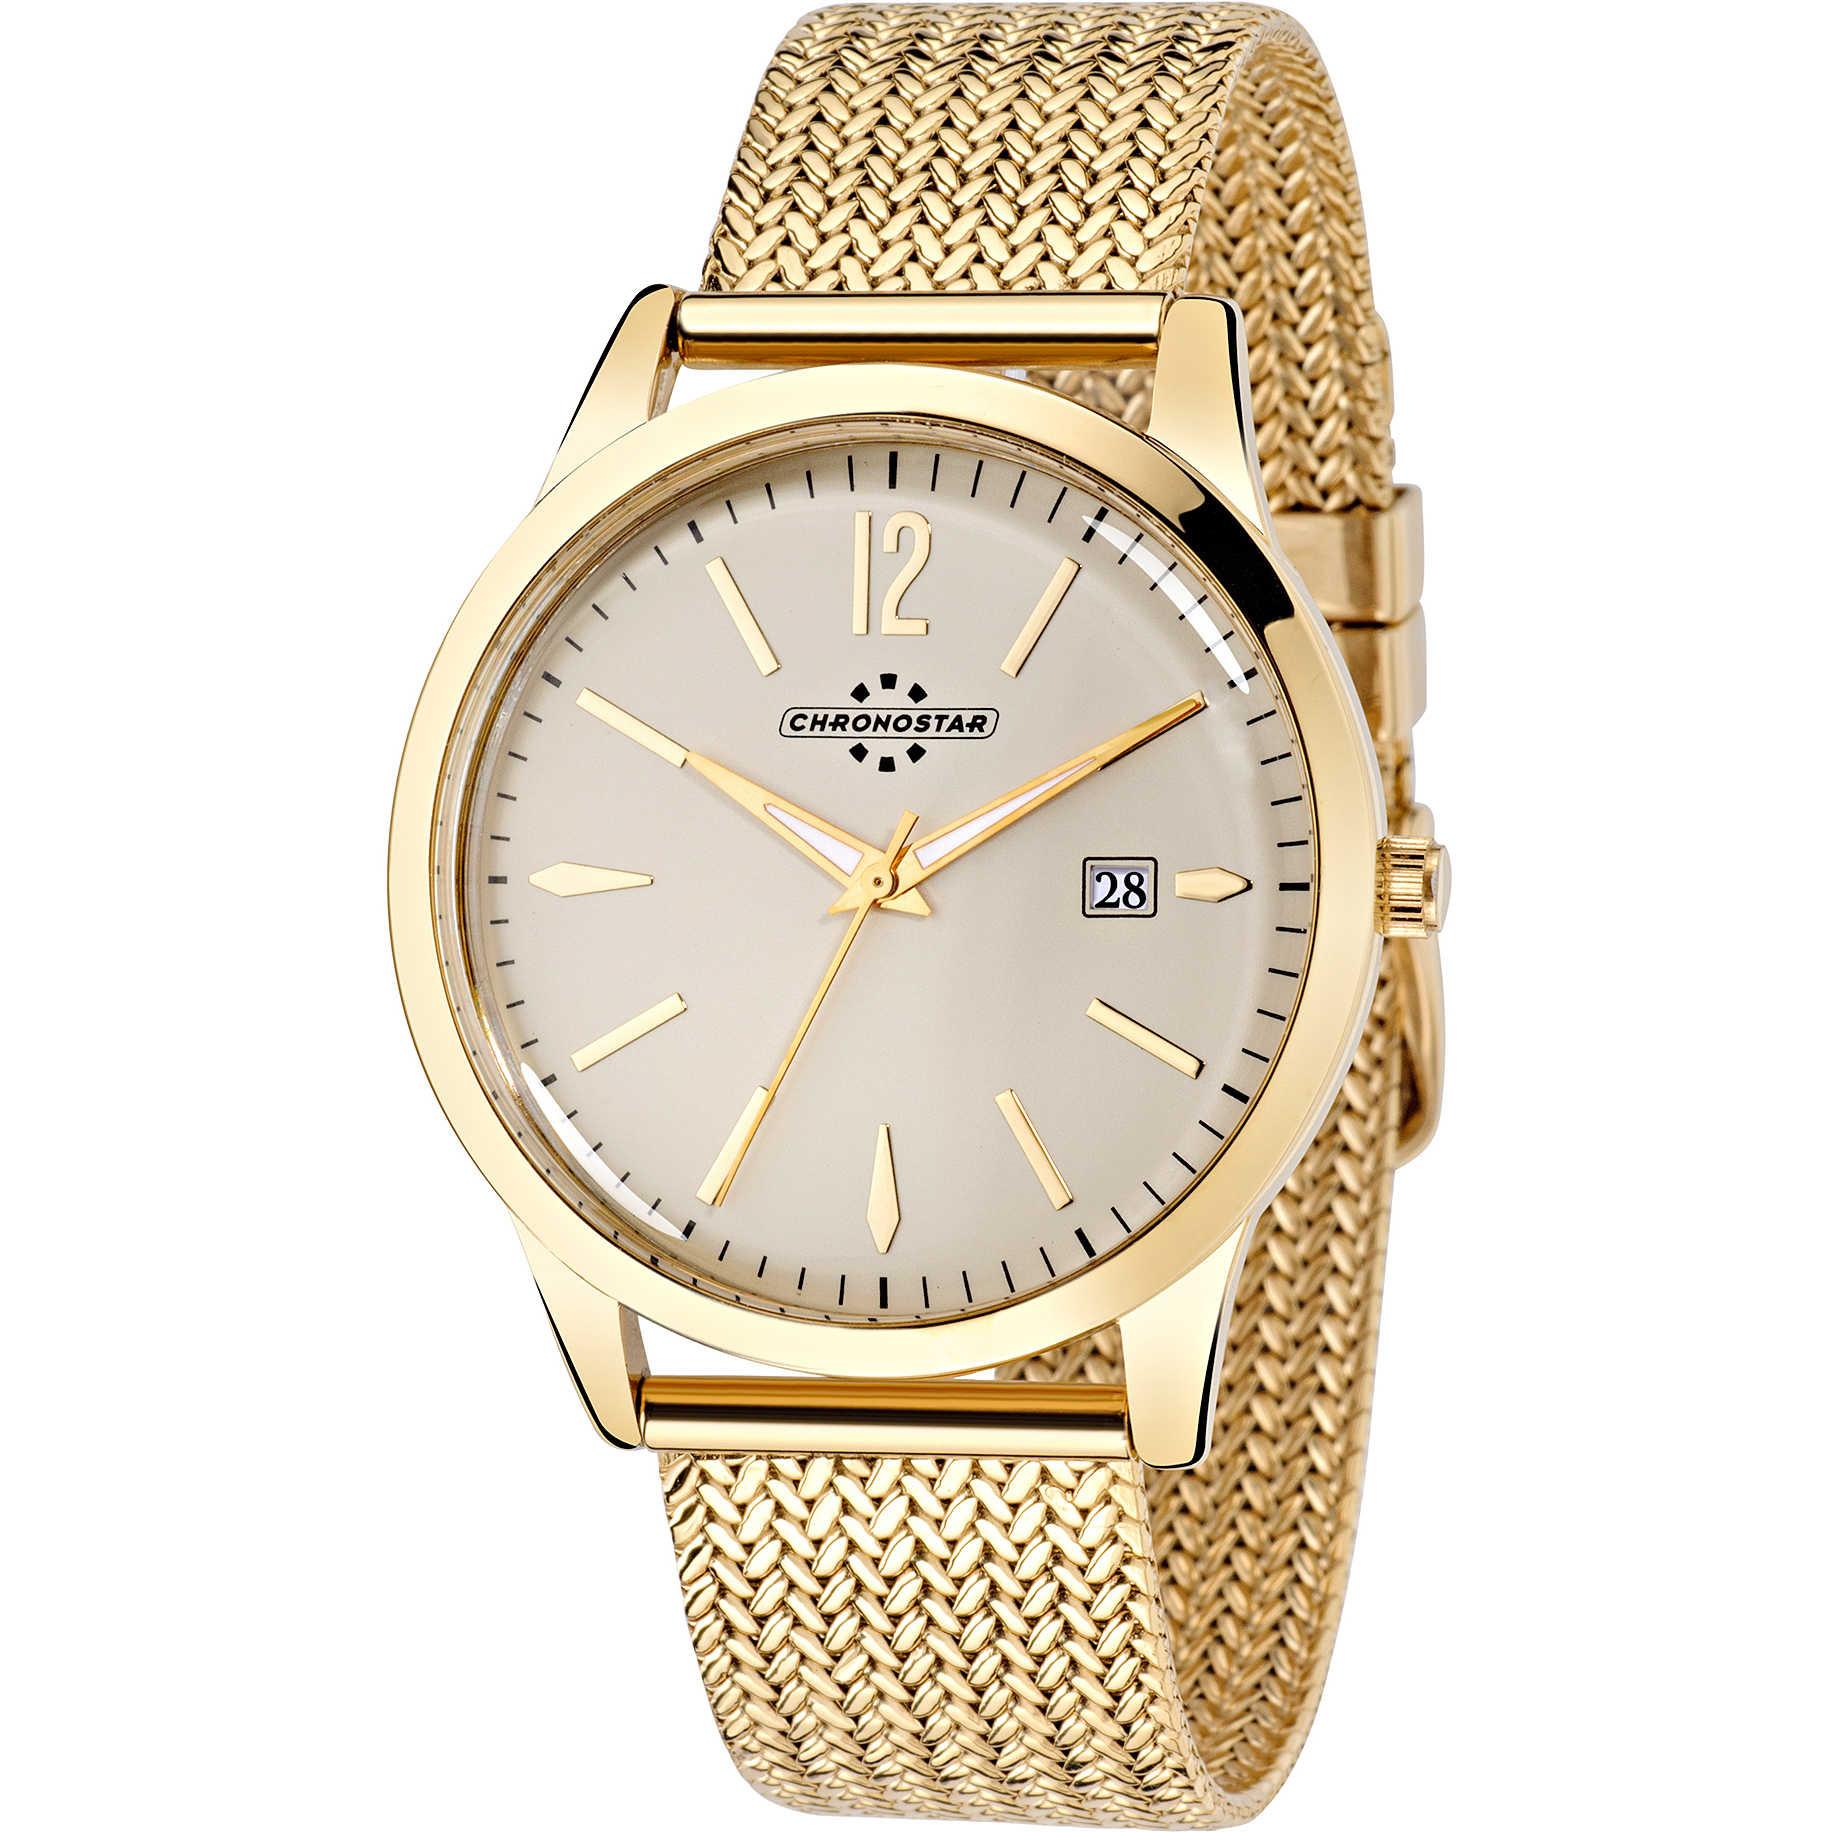 Orologio uomo Chronostar R3753255001 ENGLAND